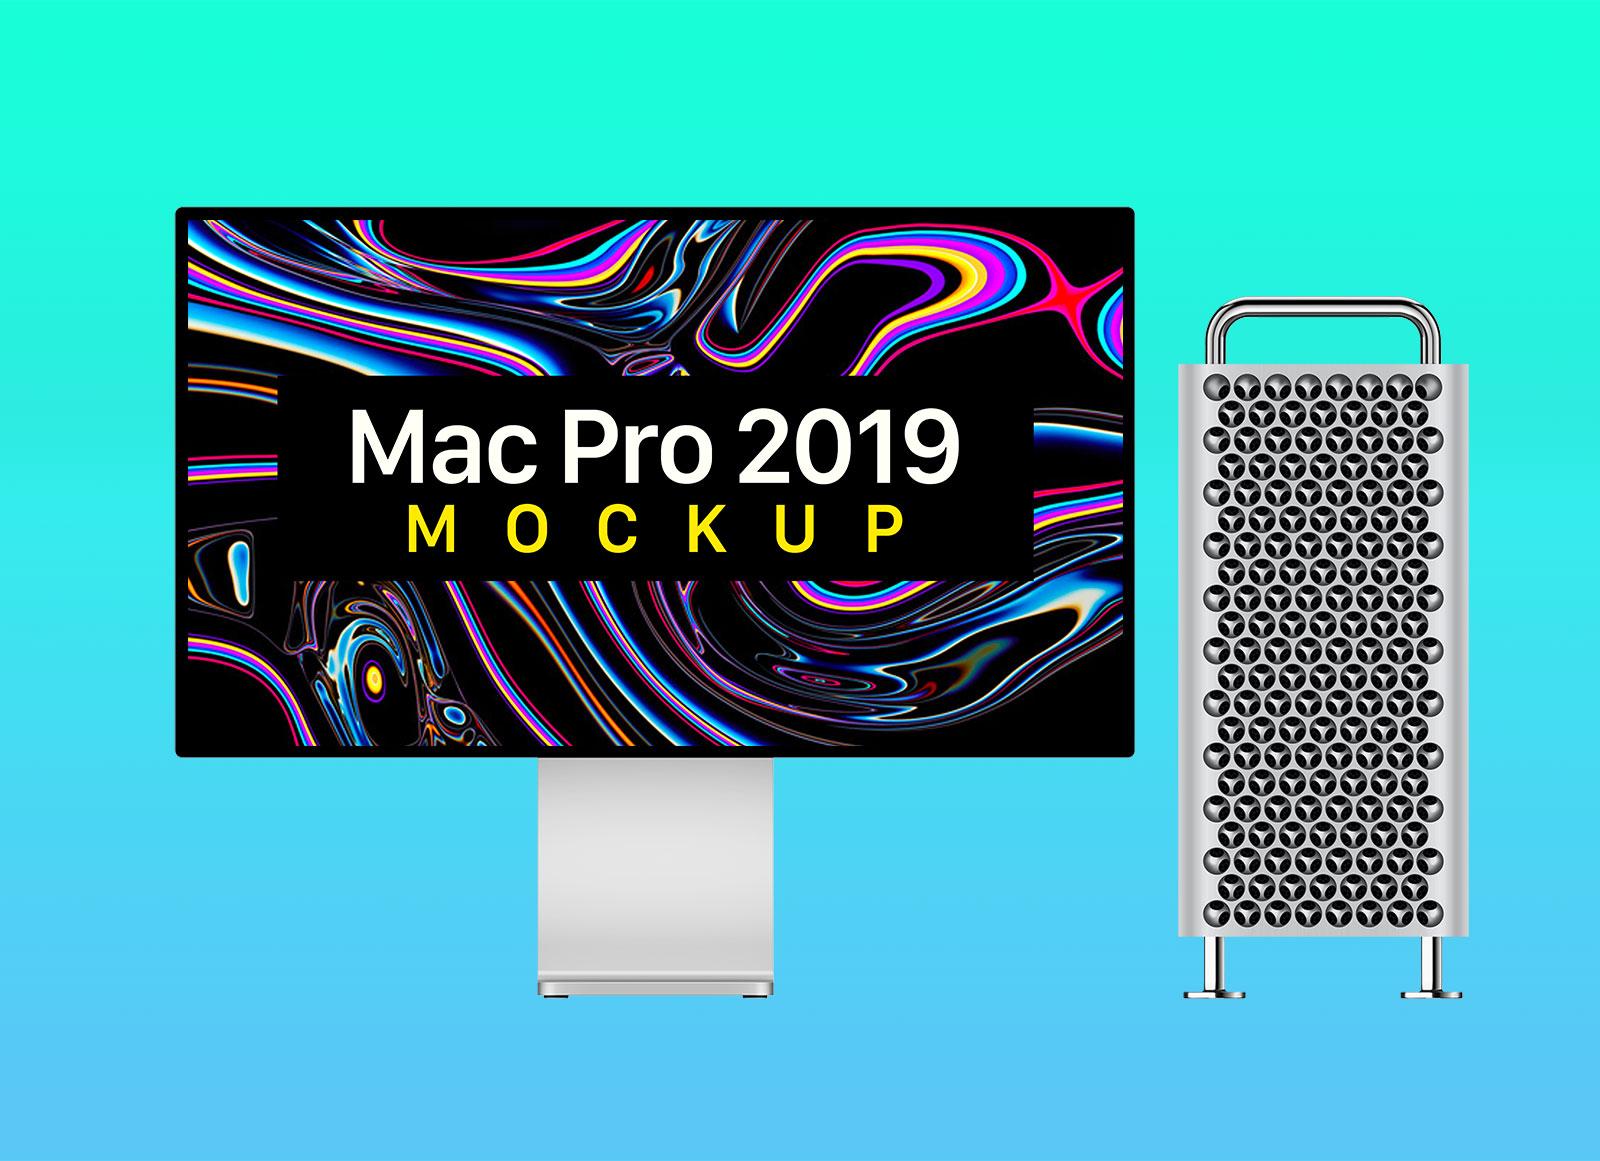 Free-Mac-Pro-2019-Mockup-PSD